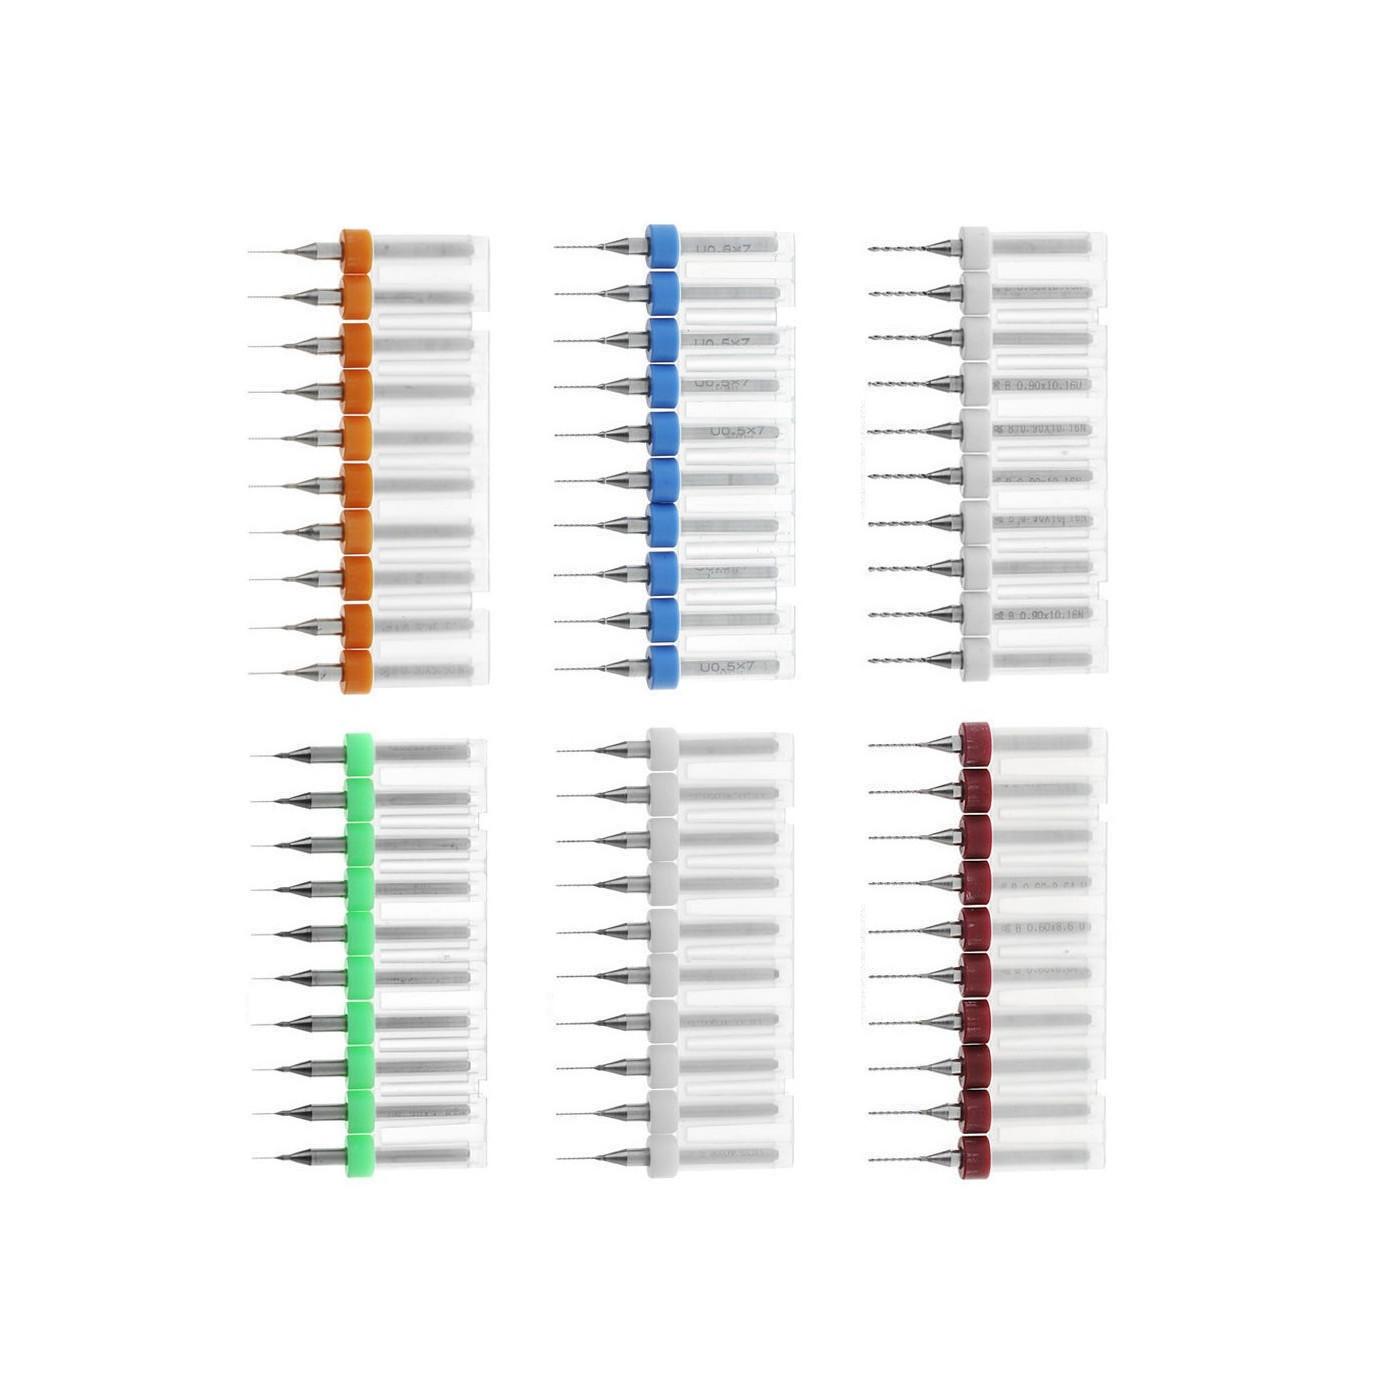 Ensemble de 10 micro forets dans une boîte (0,55 mm)  - 1